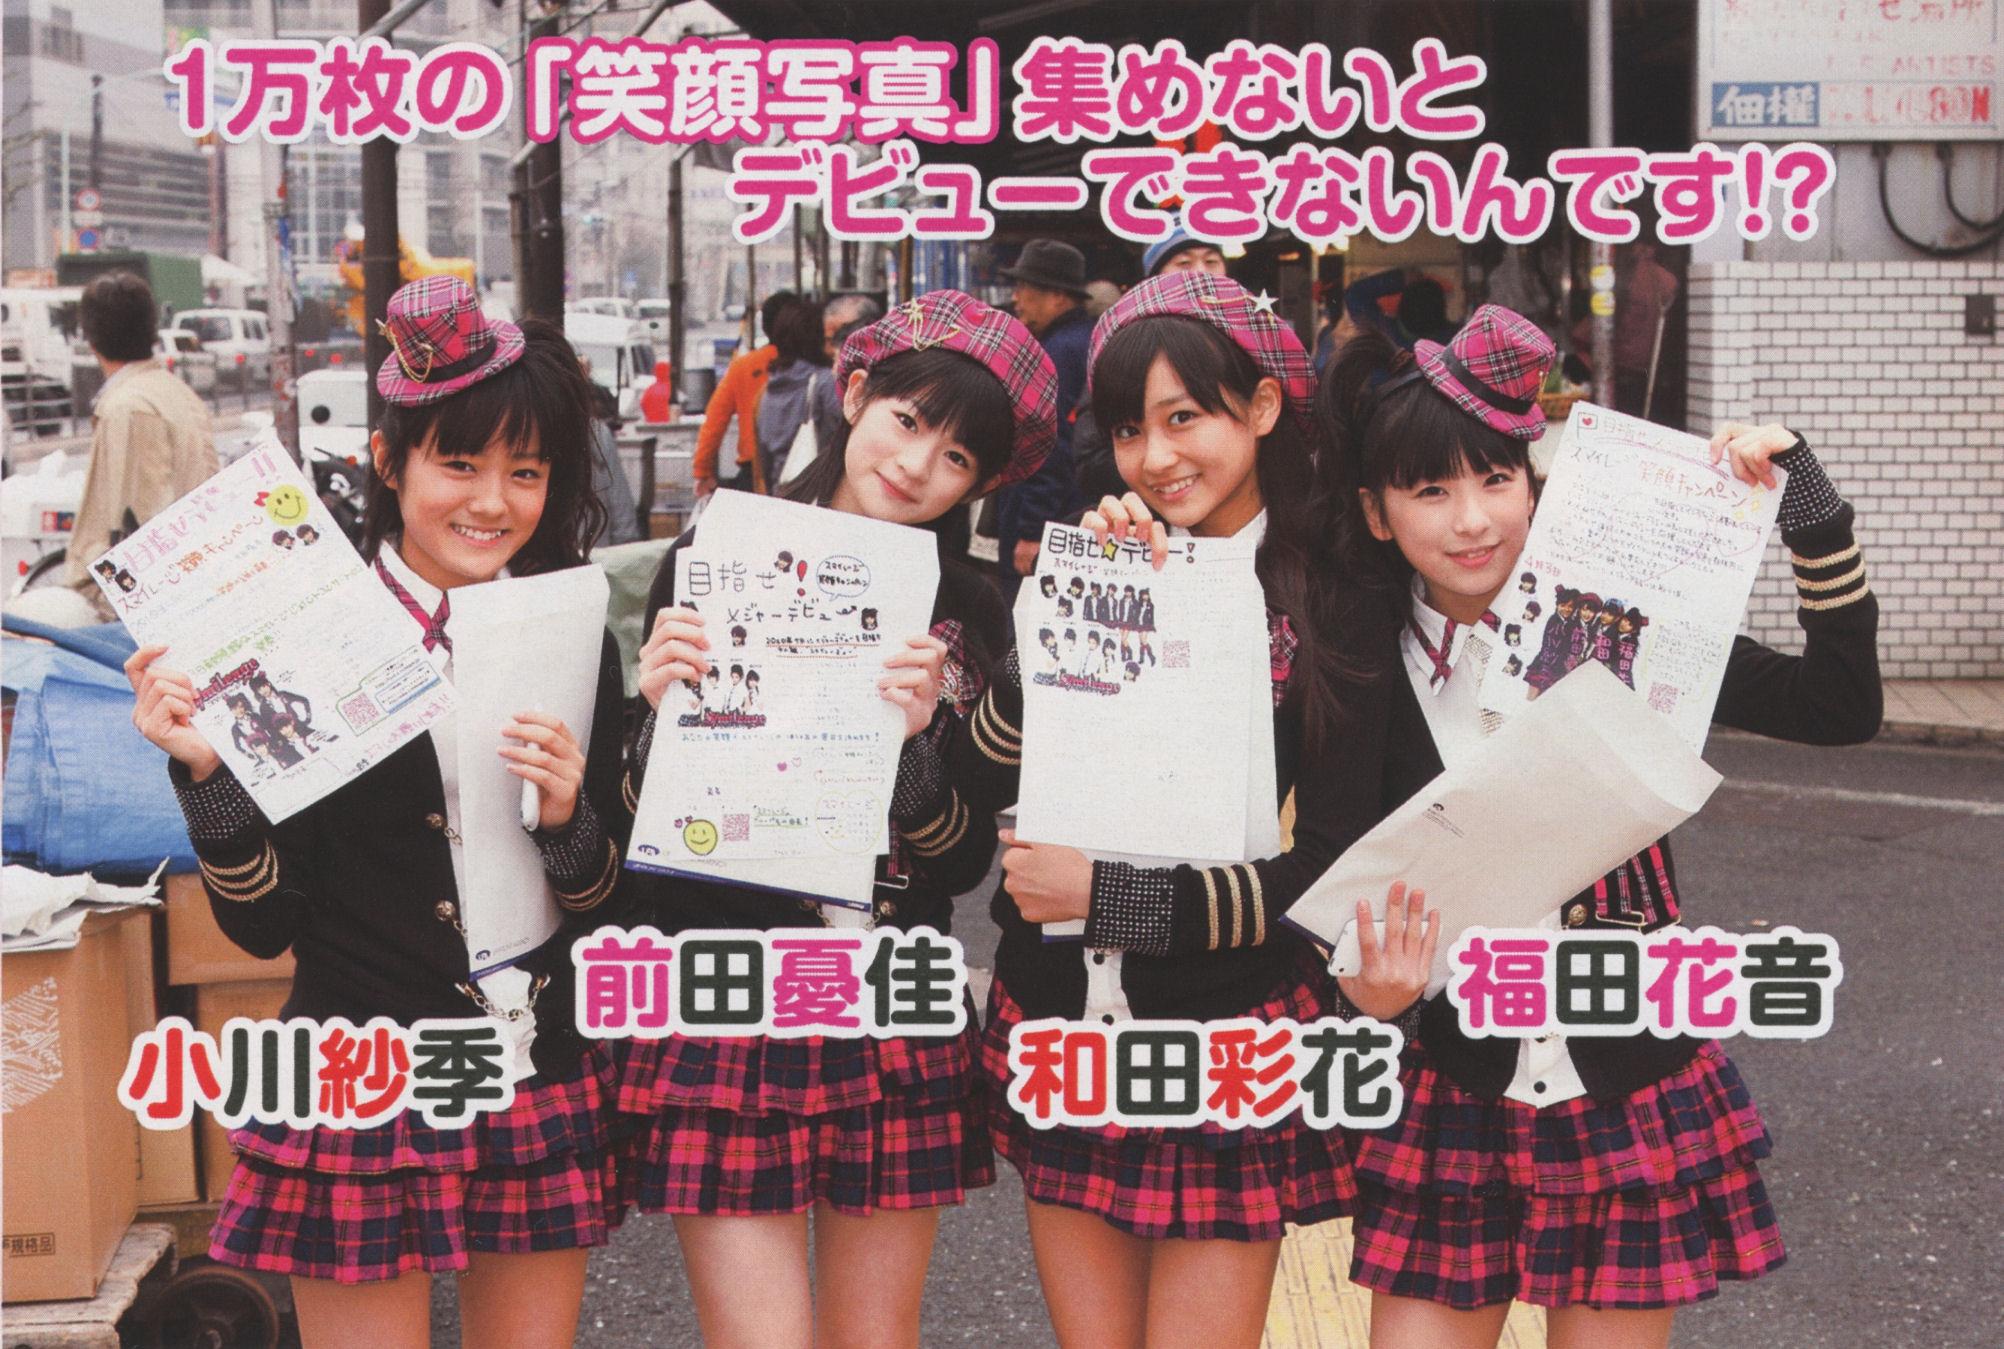 ヲタクルムが作ったアンジュルム武道館のポスターがすごい [無断転載禁止]©2ch.net->画像>63枚